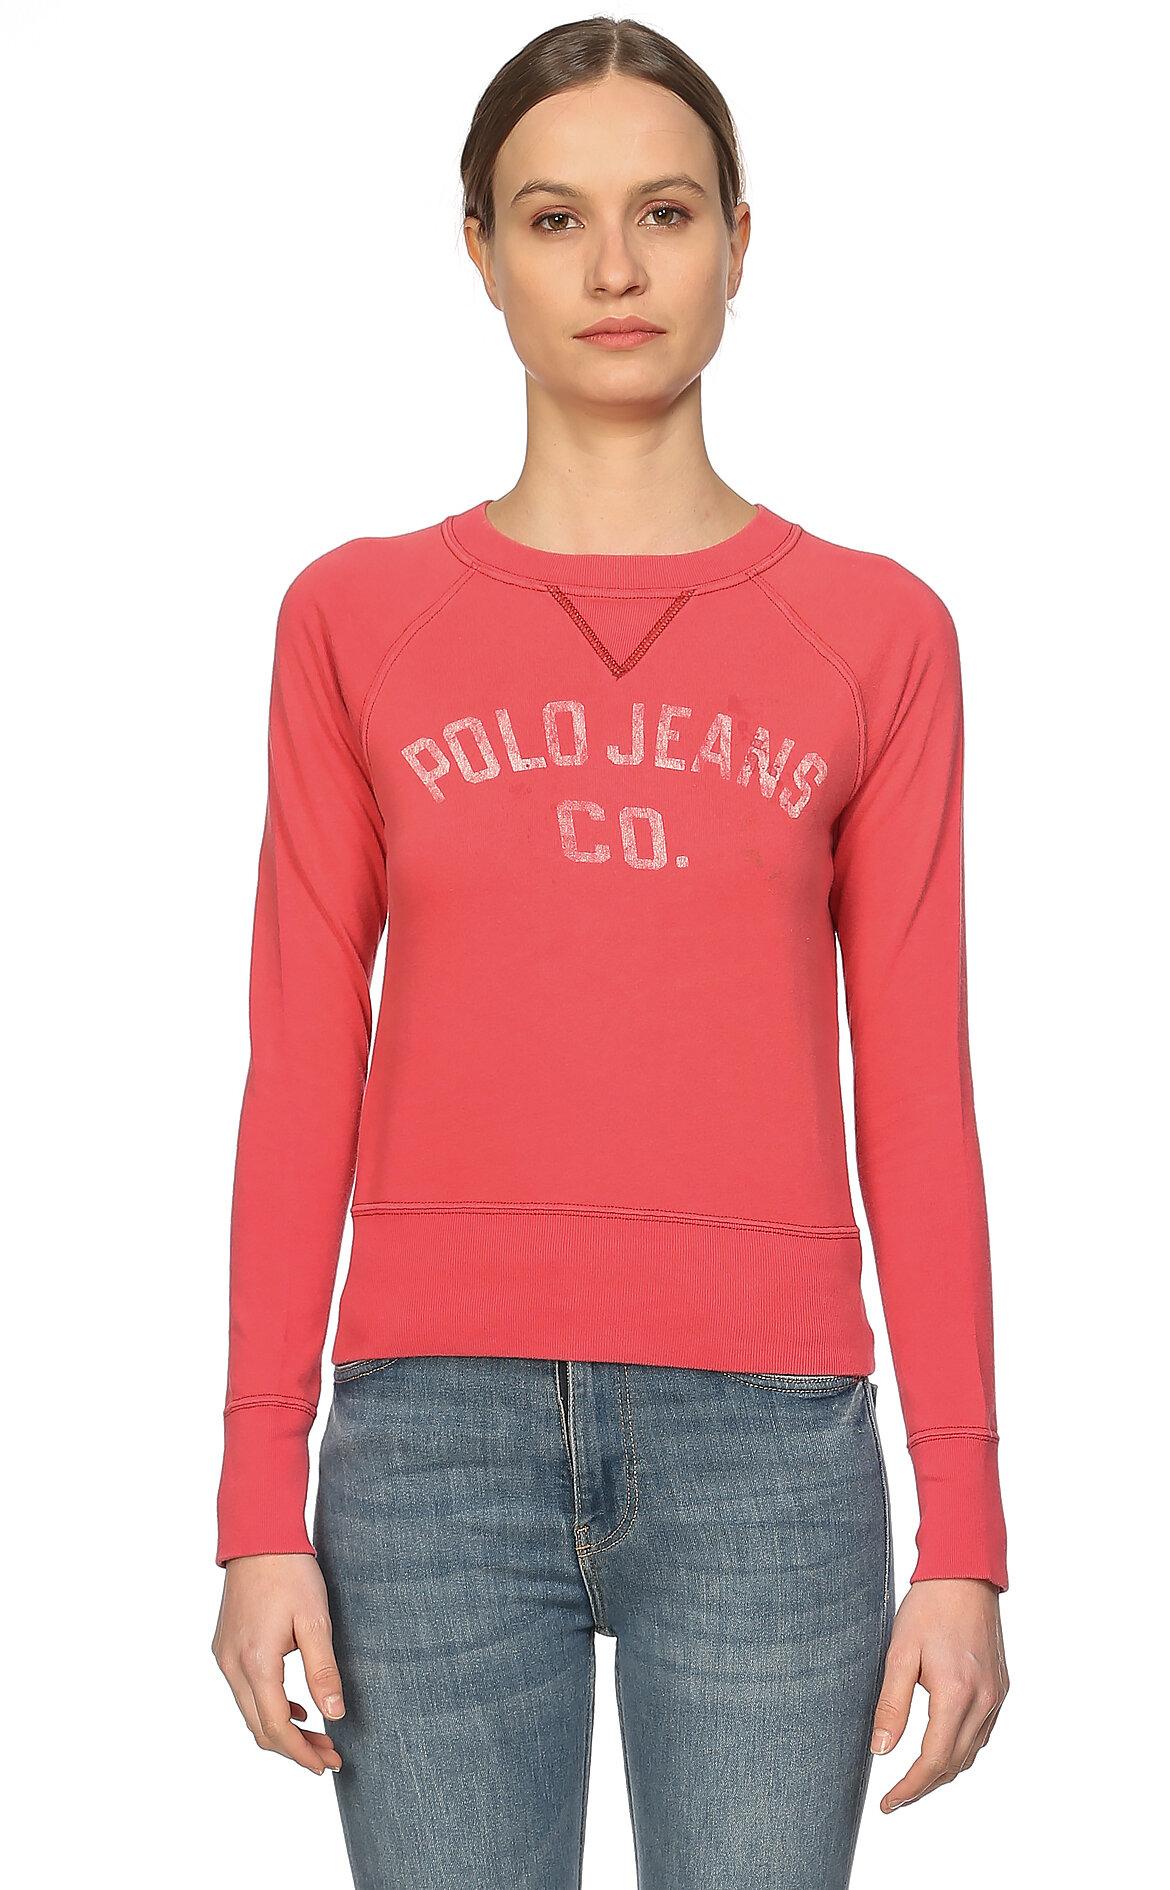 Polo Jeans-Polo Jeans Sweatshirt